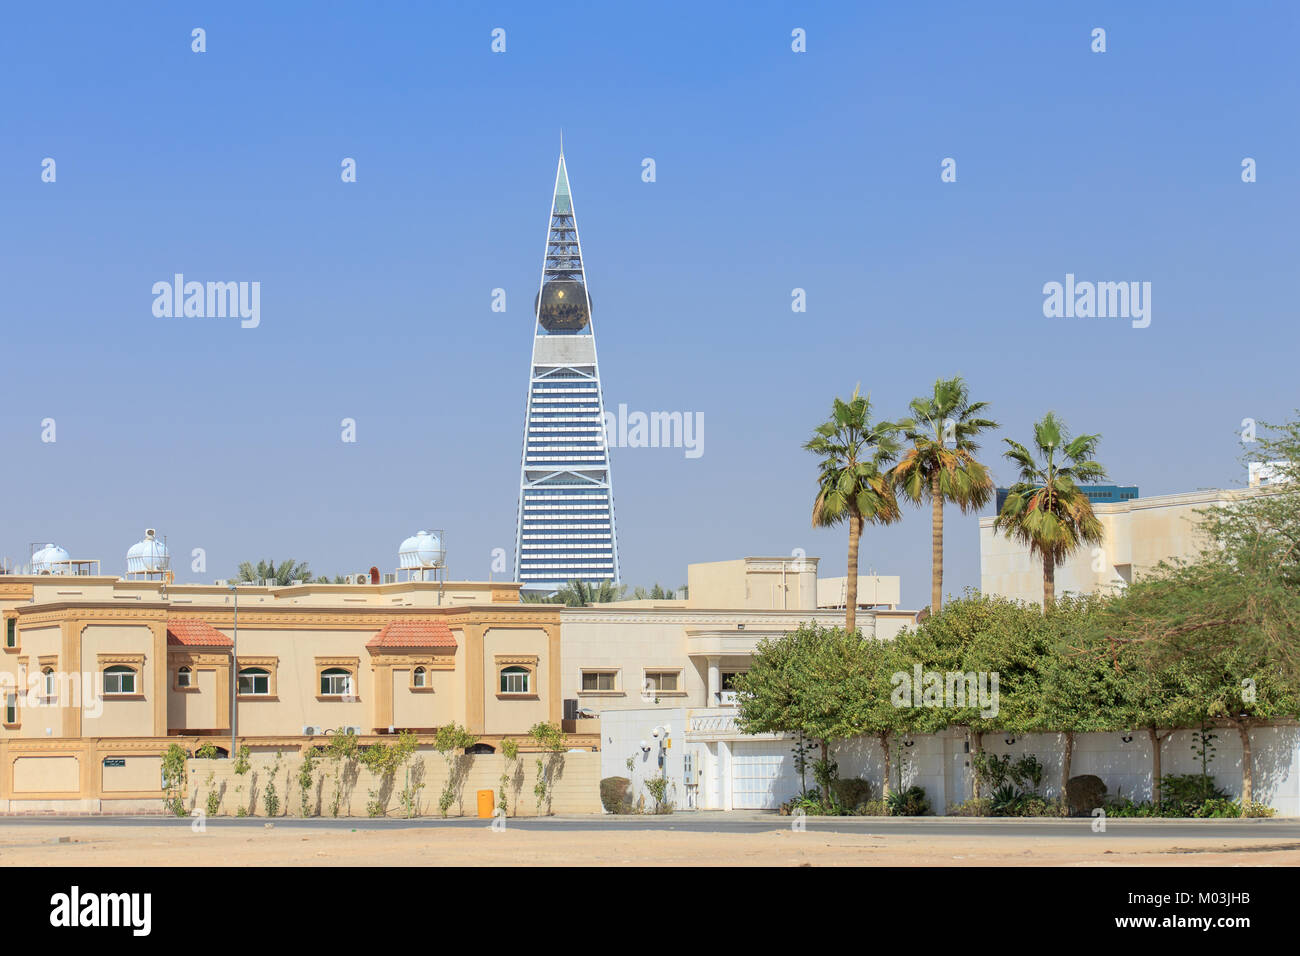 Ciudad de Riyadh en Arabia Saudita Imagen De Stock